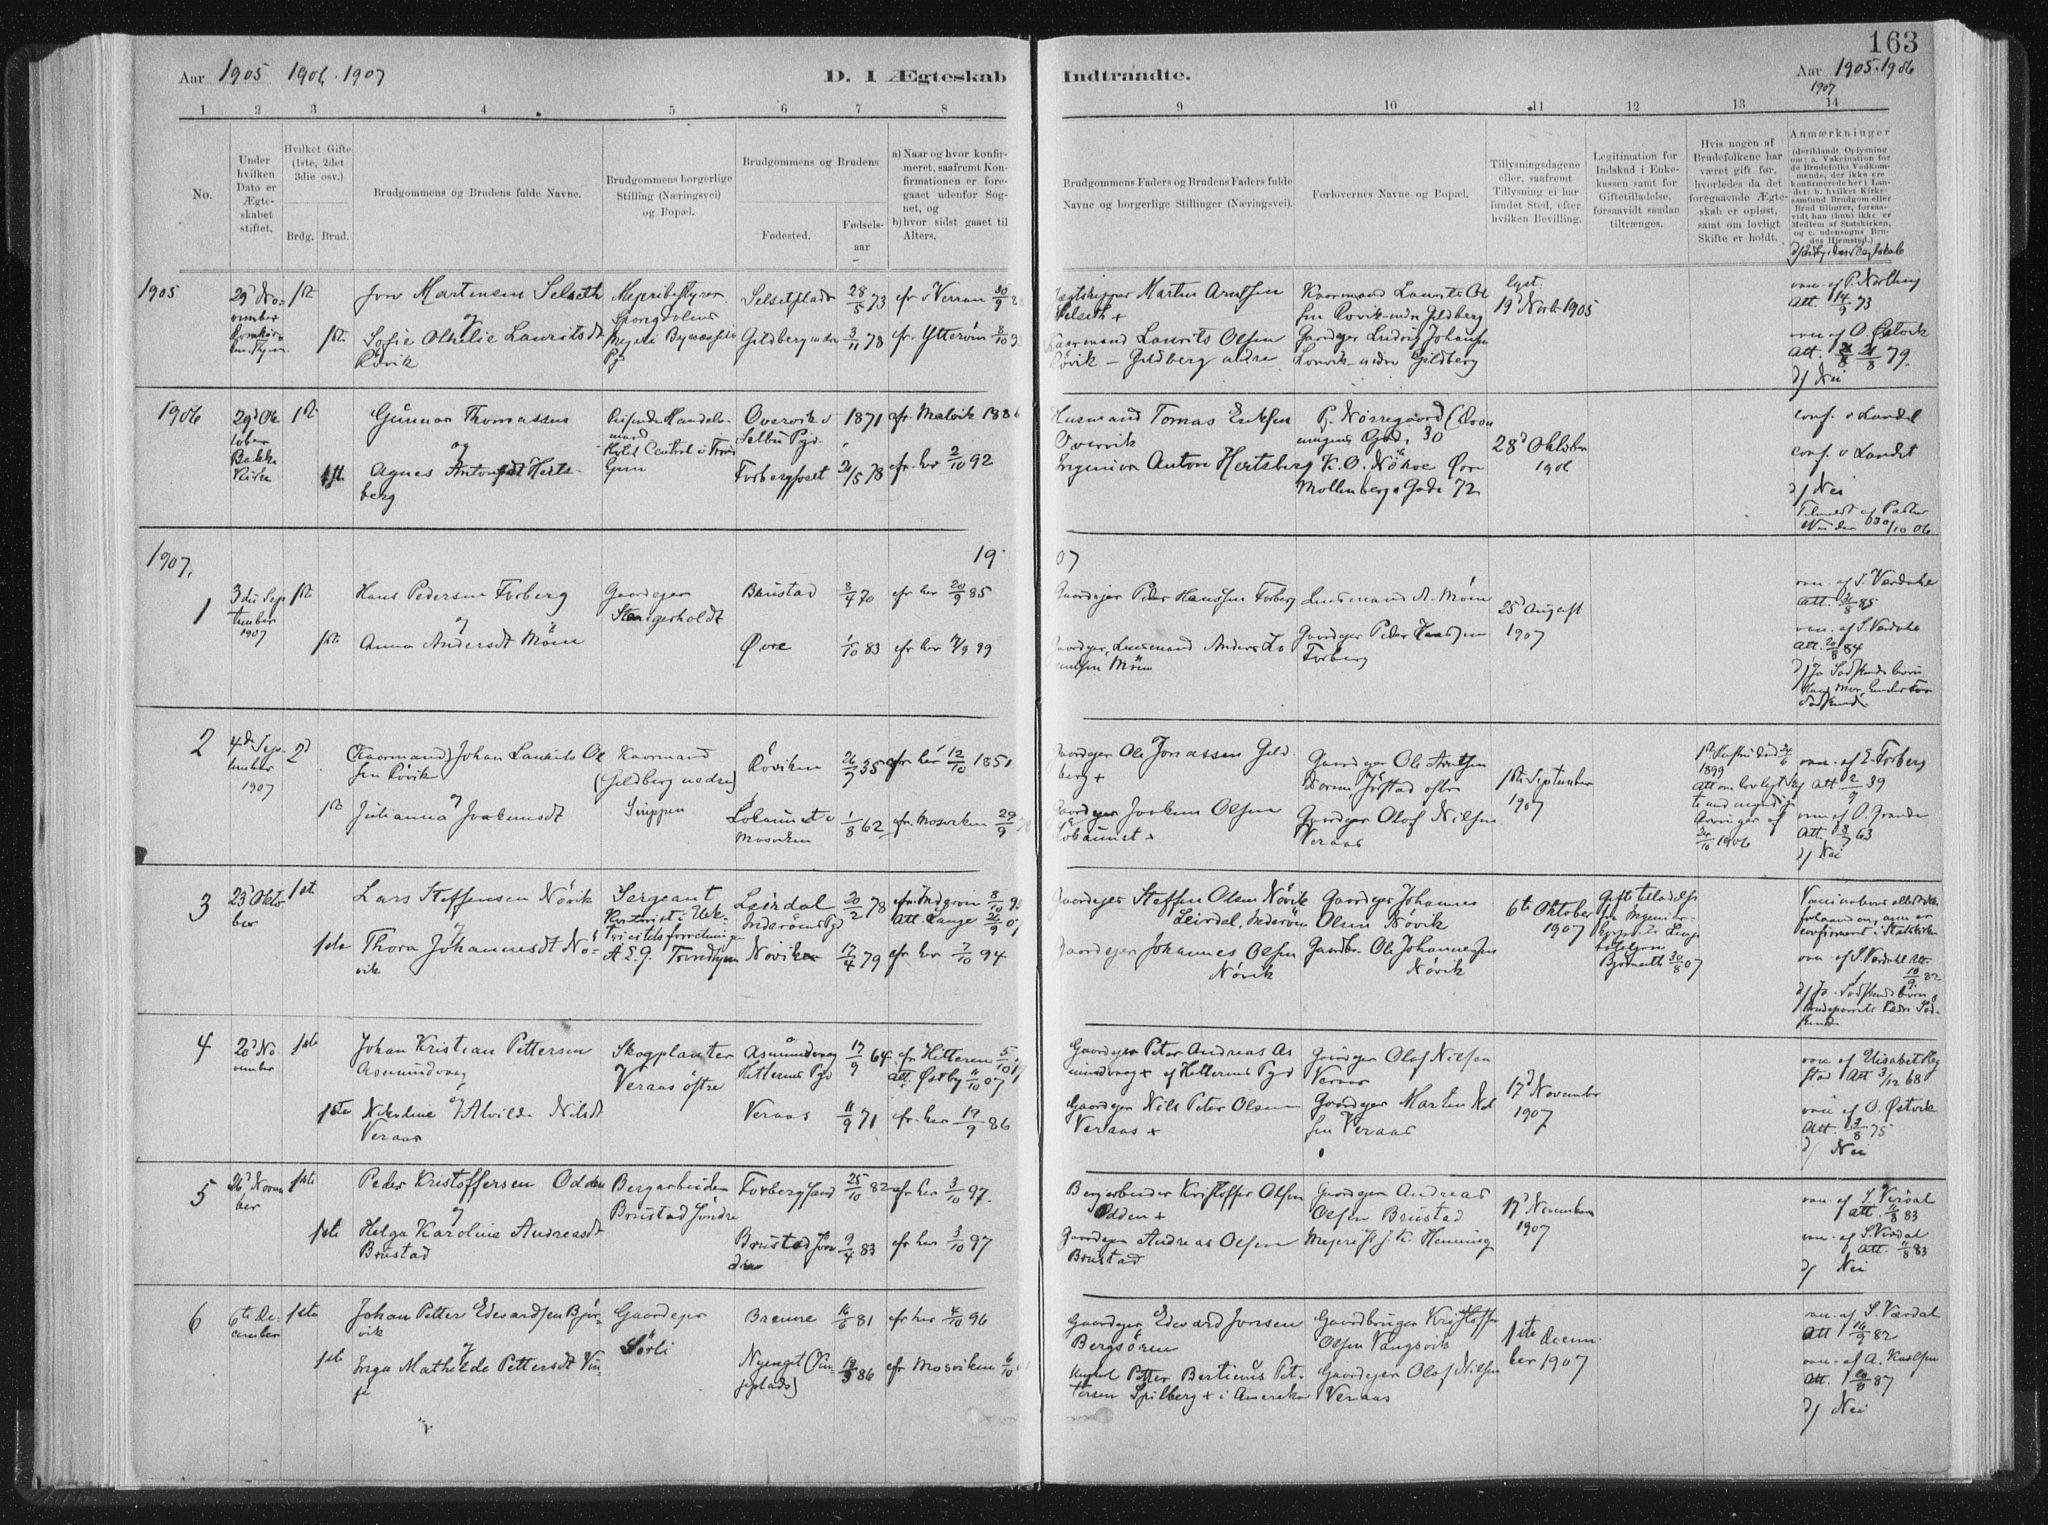 SAT, Ministerialprotokoller, klokkerbøker og fødselsregistre - Nord-Trøndelag, 722/L0220: Ministerialbok nr. 722A07, 1881-1908, s. 163